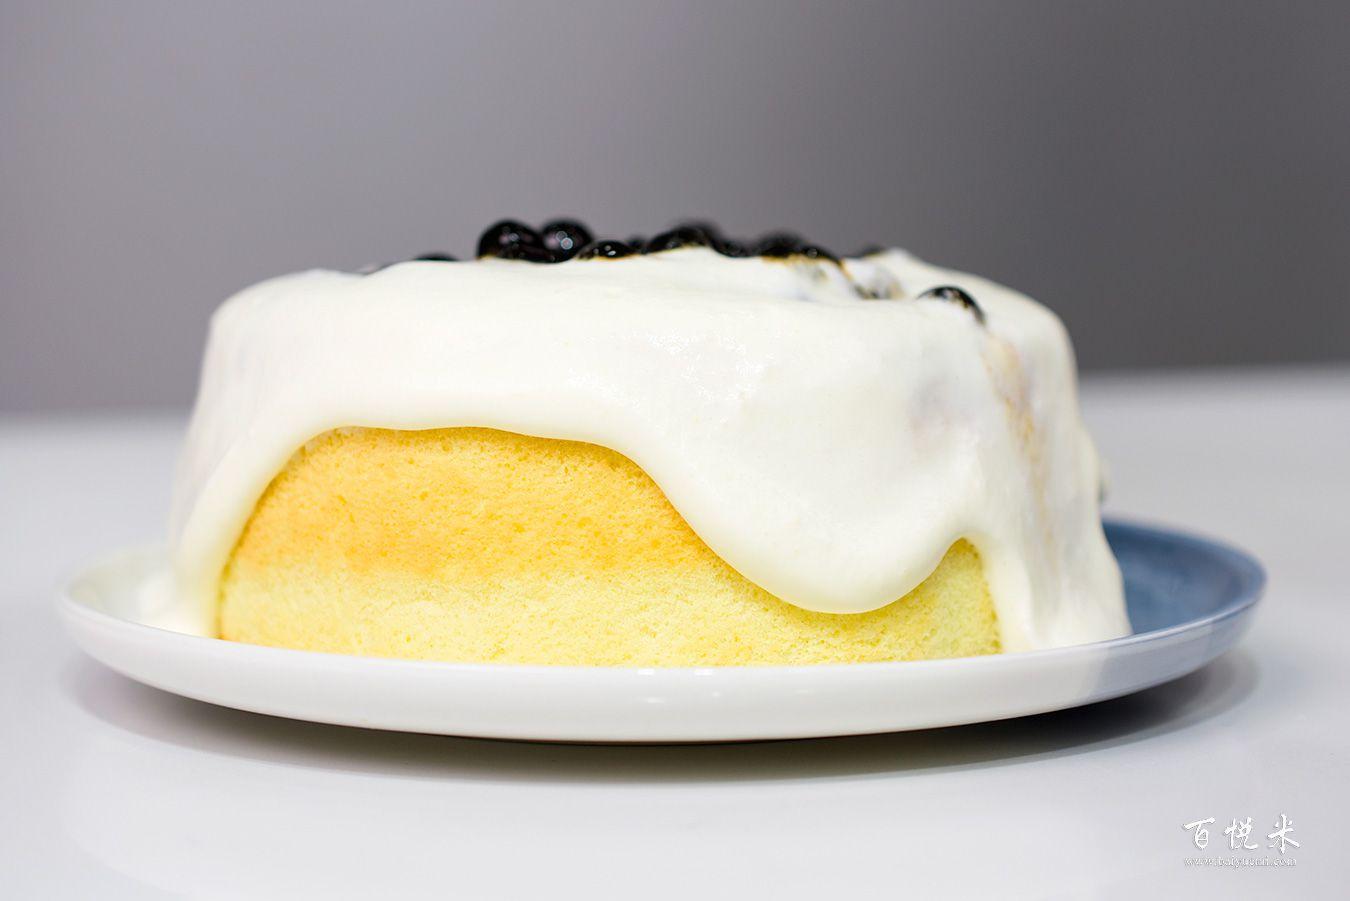 珍珠奶茶云朵蛋糕高清图片大全【蛋糕图片】_886